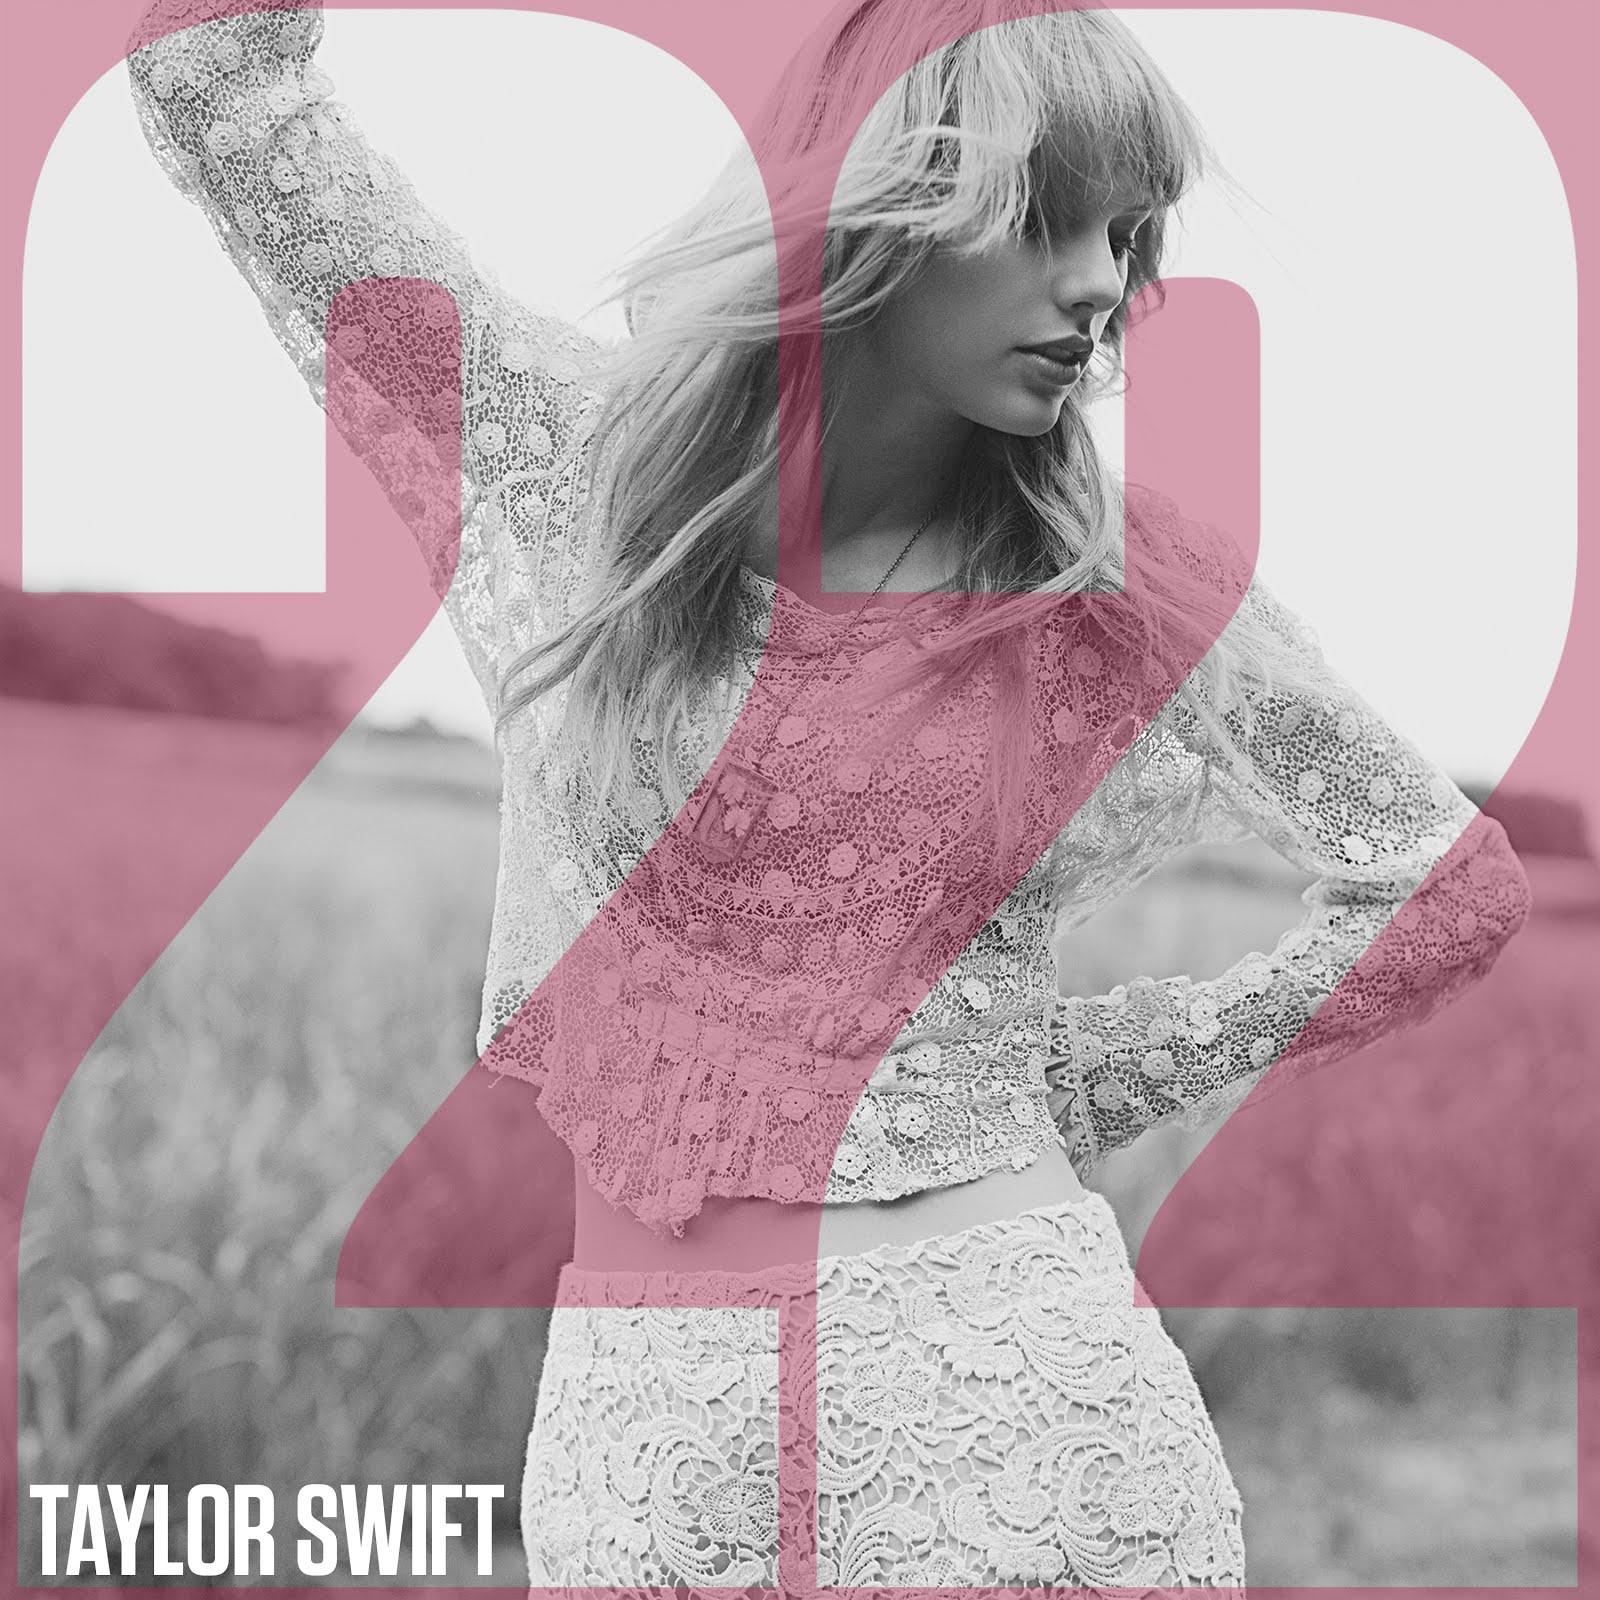 http://3.bp.blogspot.com/-9tXKxeO_Y1E/UULYalSWqaI/AAAAAAAAsaQ/mO3FnBpvh6U/s1600/Taylor+Swift+22.jpg